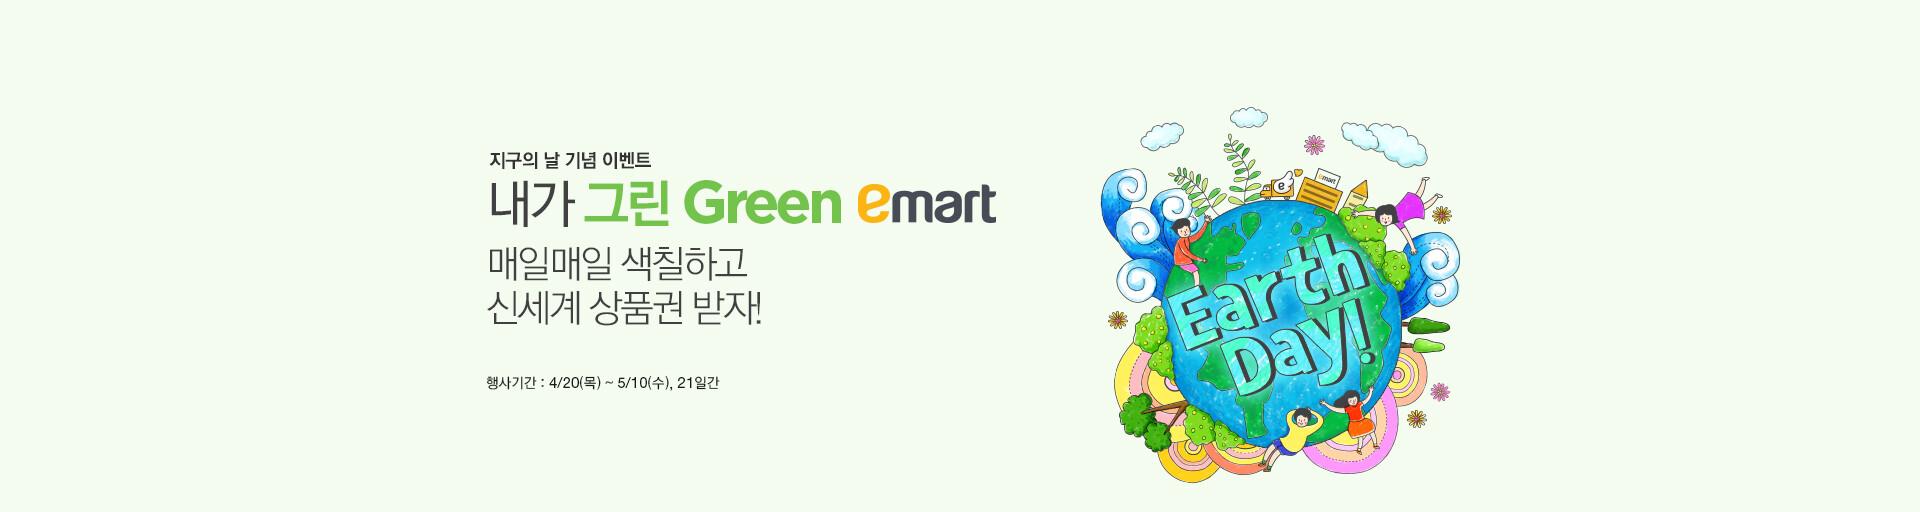 지구의 날 기념 이벤트 내가 그린 green emart 매일매일 색칠하고 신세계 상품권 받자! 행사기간 4/20(목) ~ 5/10(수) 21일간